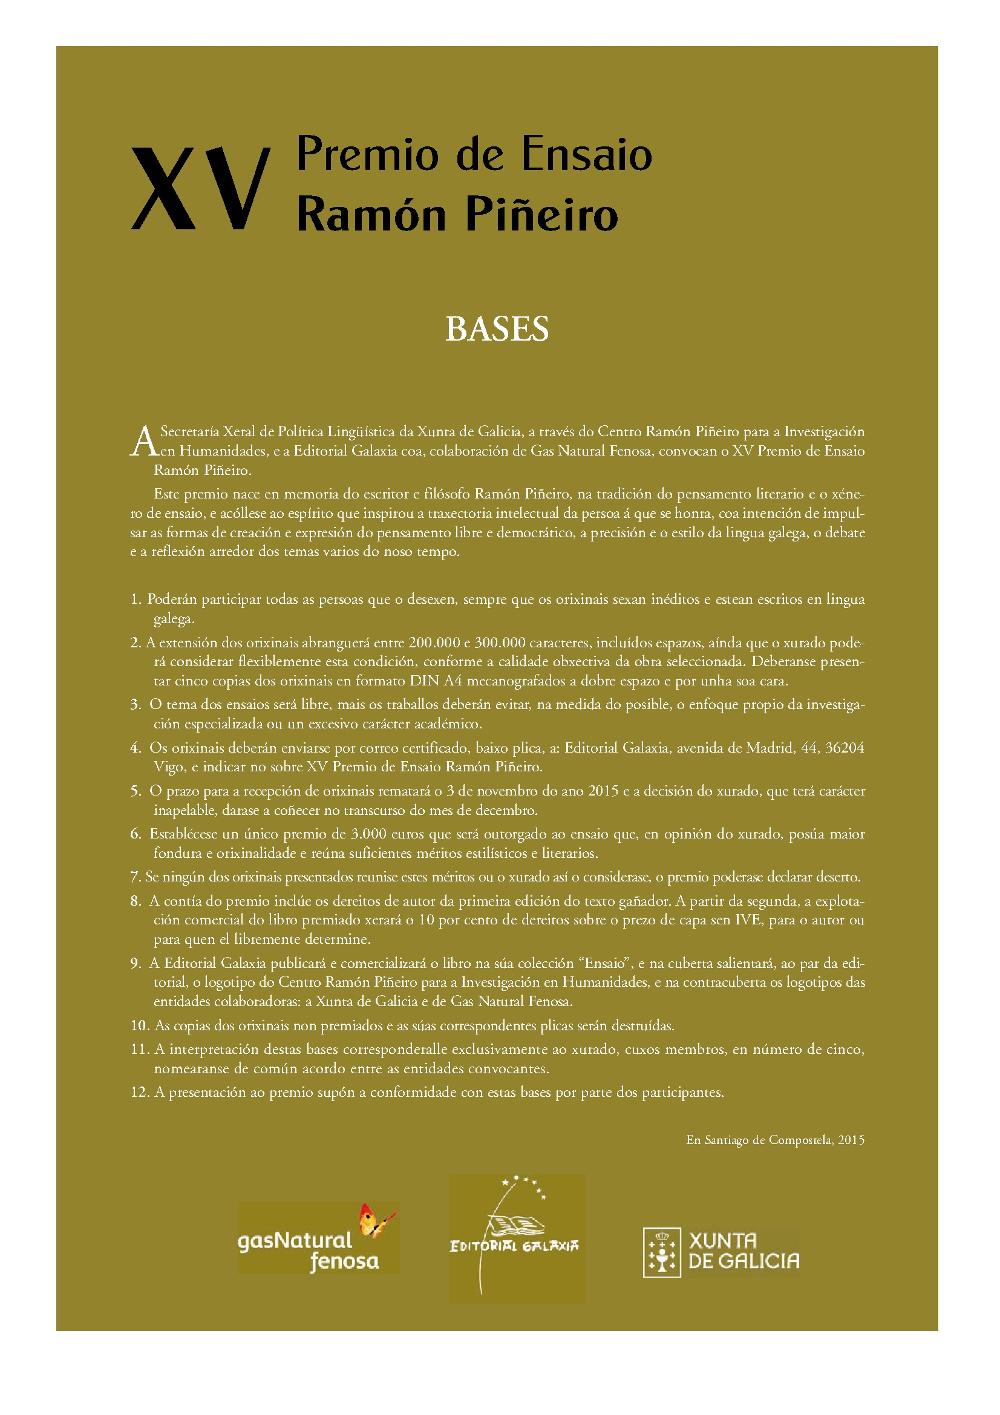 Premio Ramón Piñeiro 2015